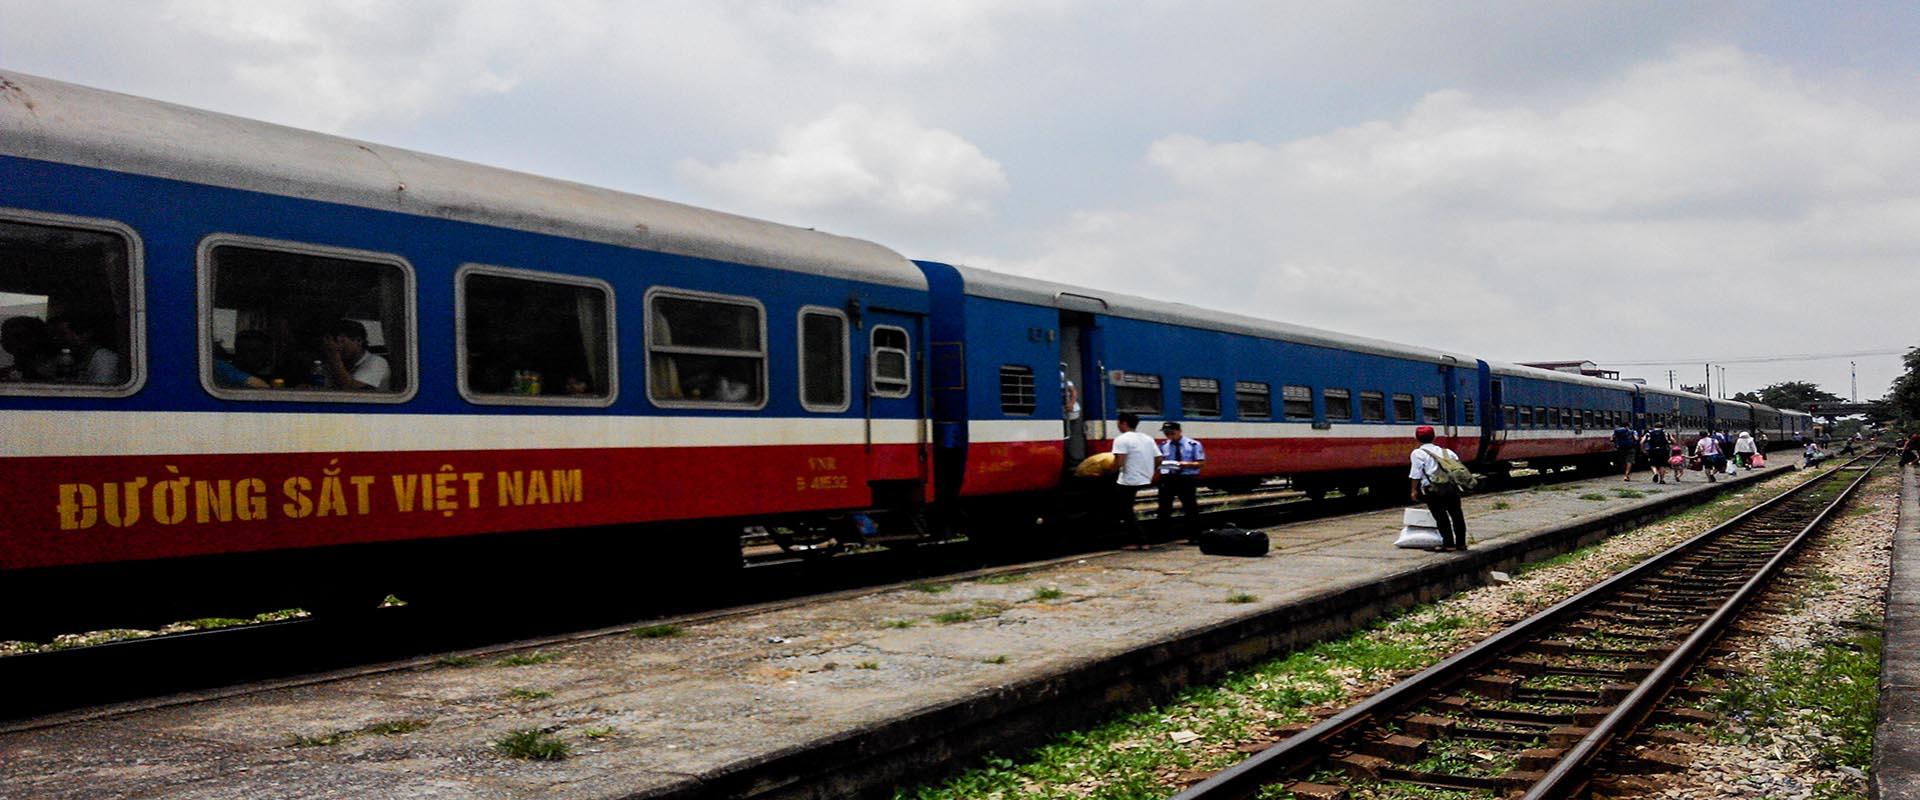 Passagers montant dans un train vietnamien